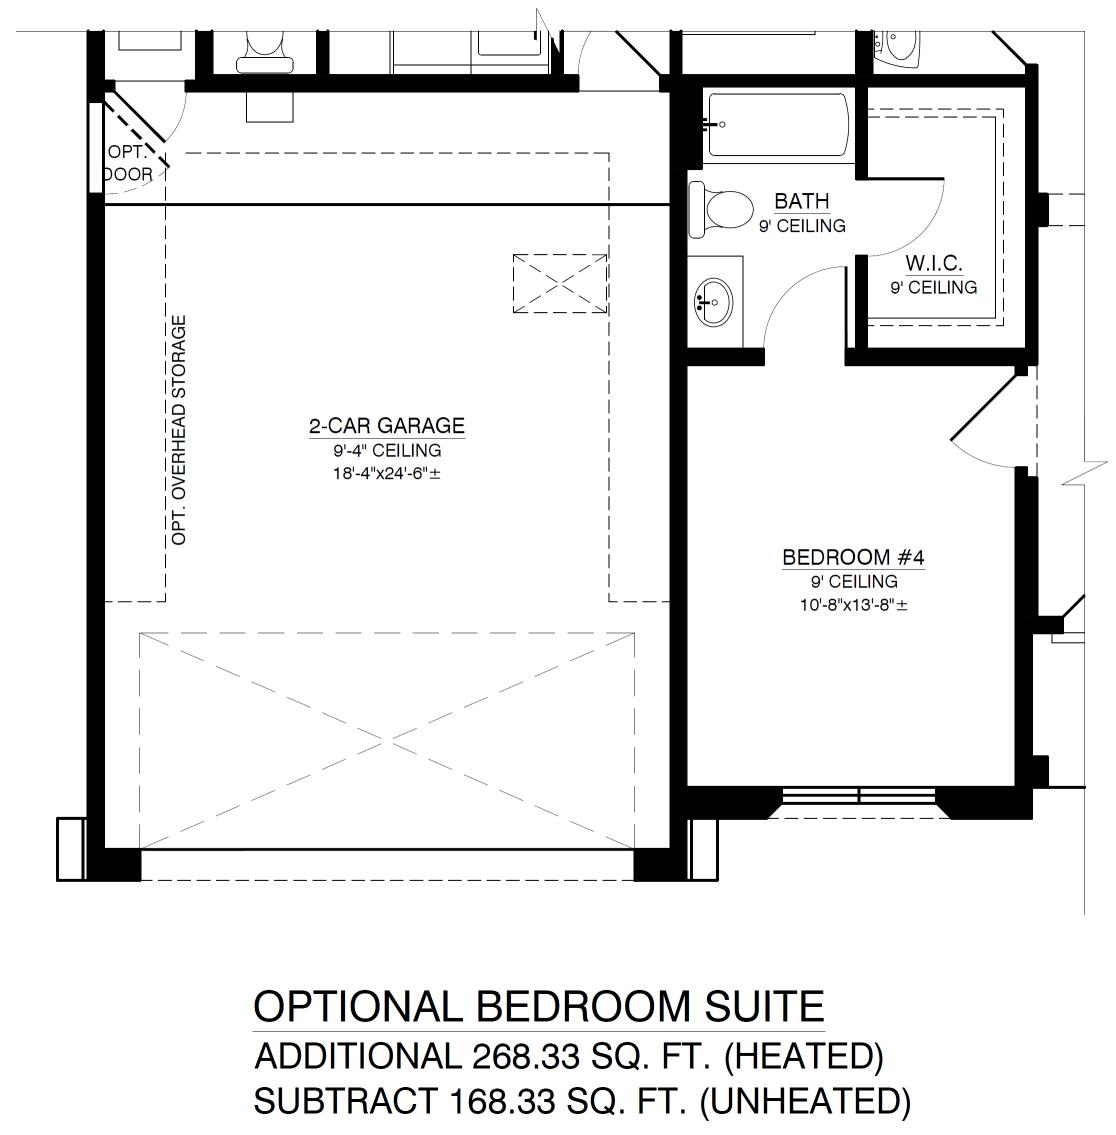 Optional Bedroom Suite